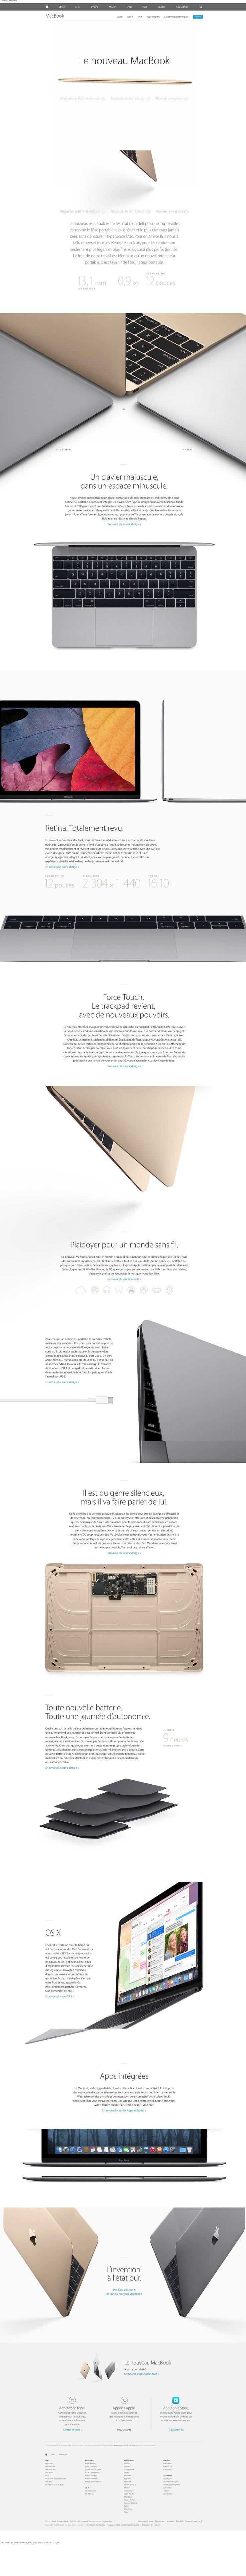 http://www.apple.com/fr/macbook/?cid=CDM-EU-4266&cp=em-P0016481-337274&sr=em